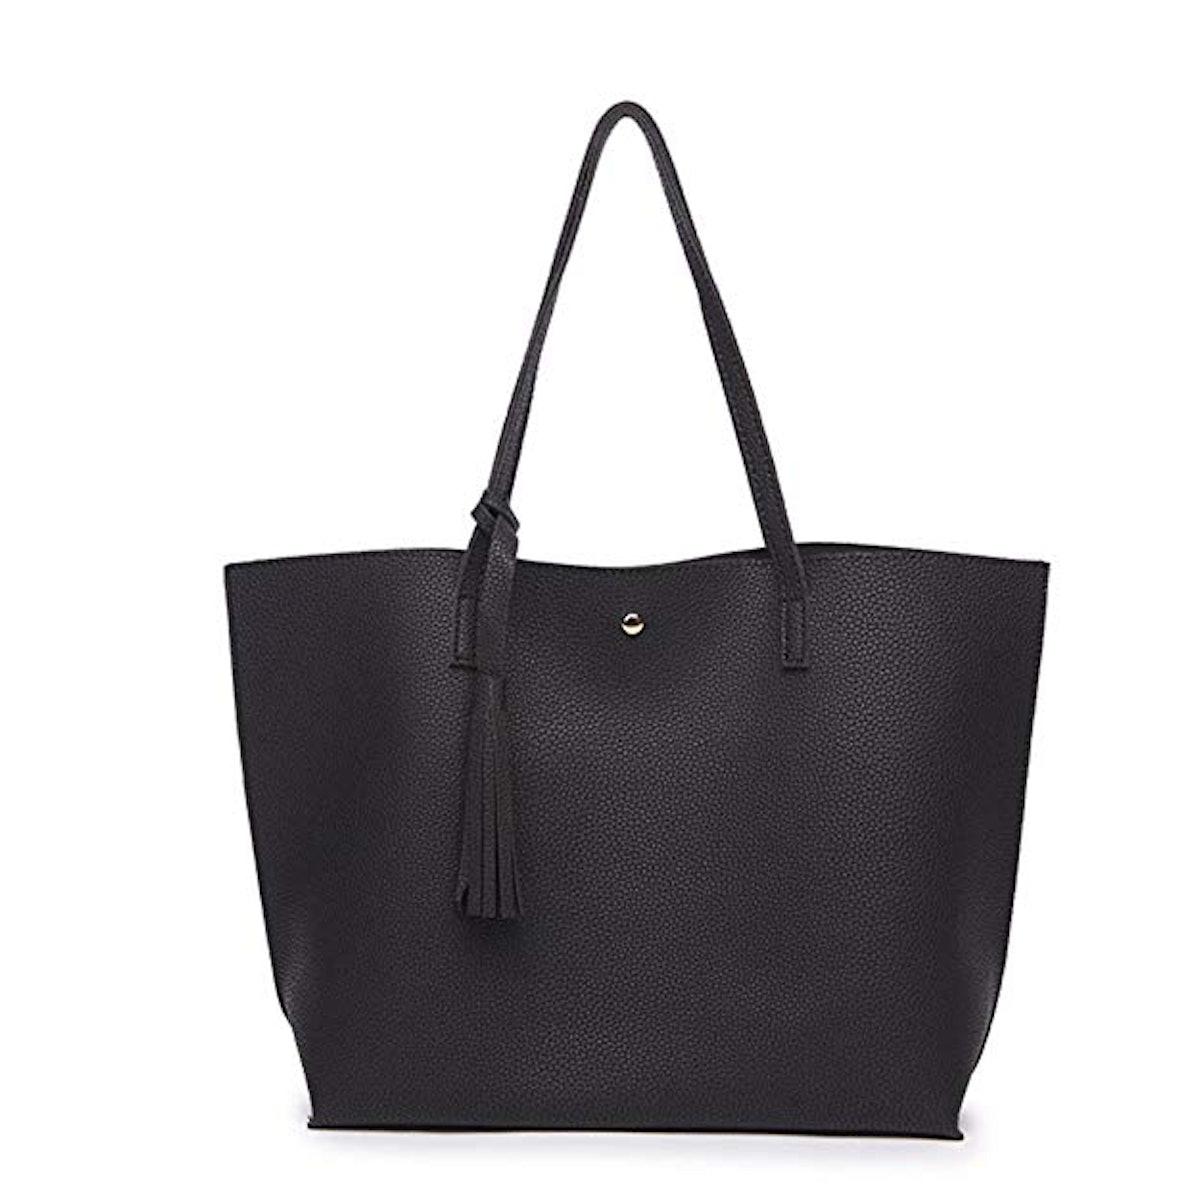 Nodykka Tote Bag